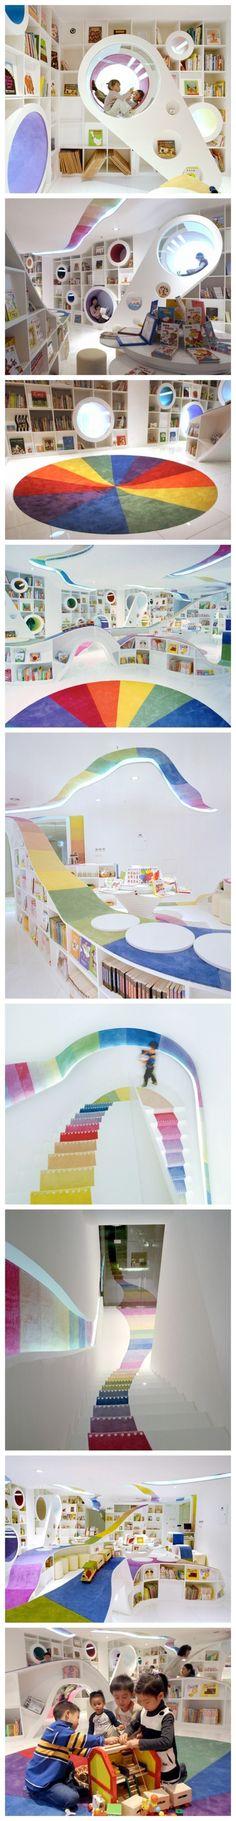 【儿童书店,北京,designed by SAKO】……好想去!!!!!!!!…